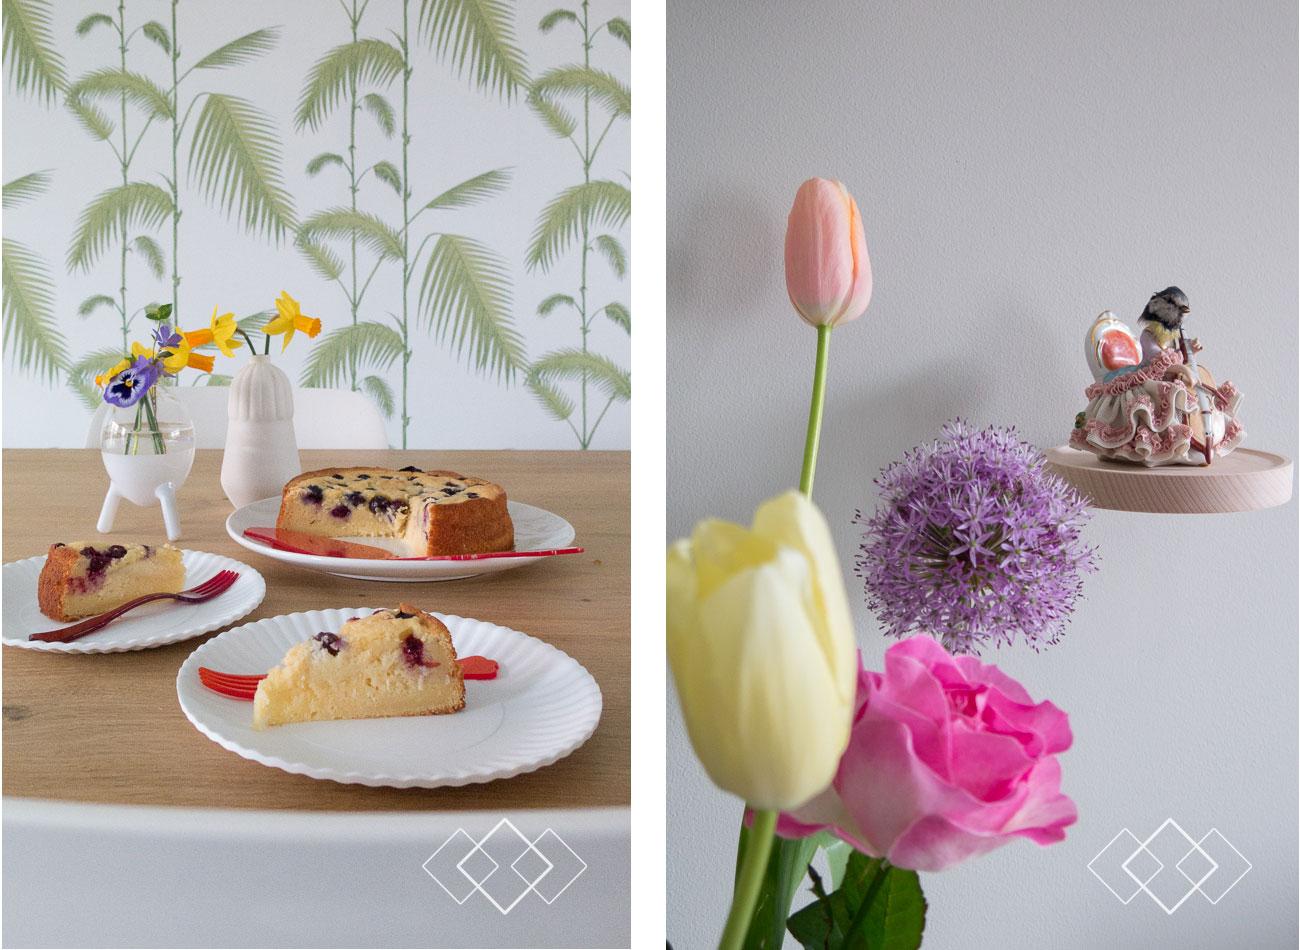 spiegel-bloemen-taart-4